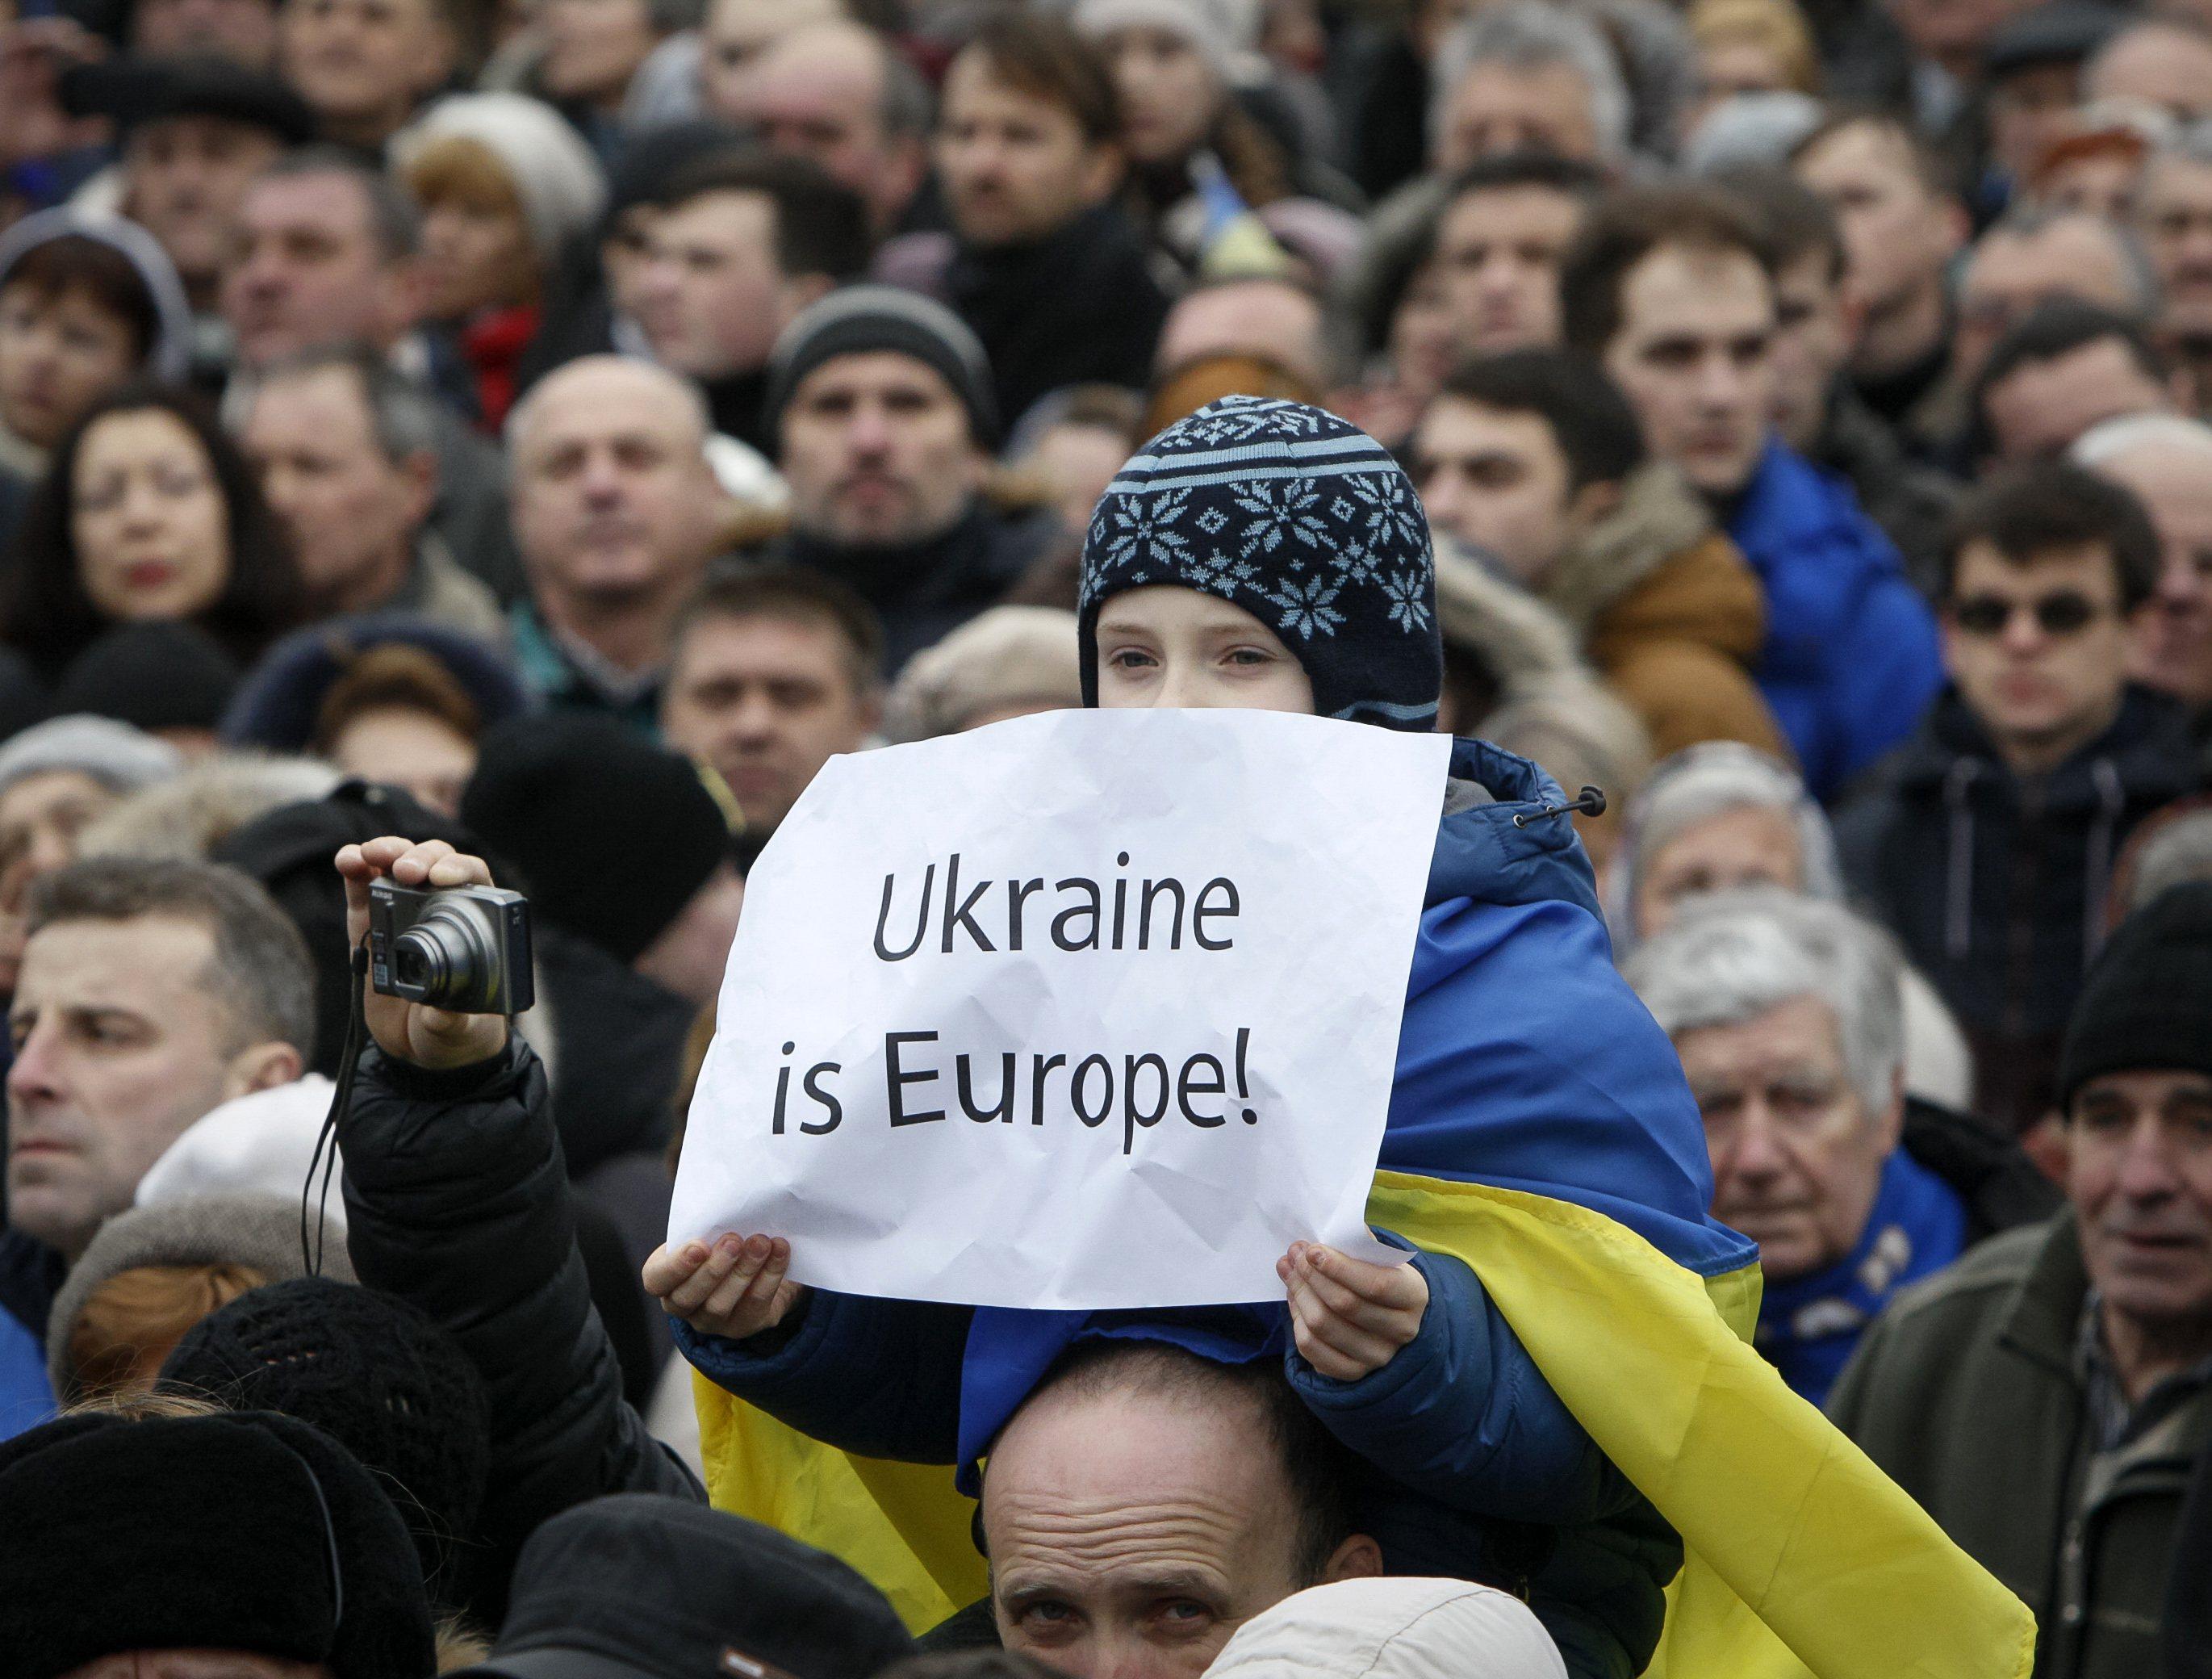 Οι ουκρανοί πολίτες θα μπορούν να ταξιδεύουν χωρίς βίζα στην ΕΕ | tovima.gr